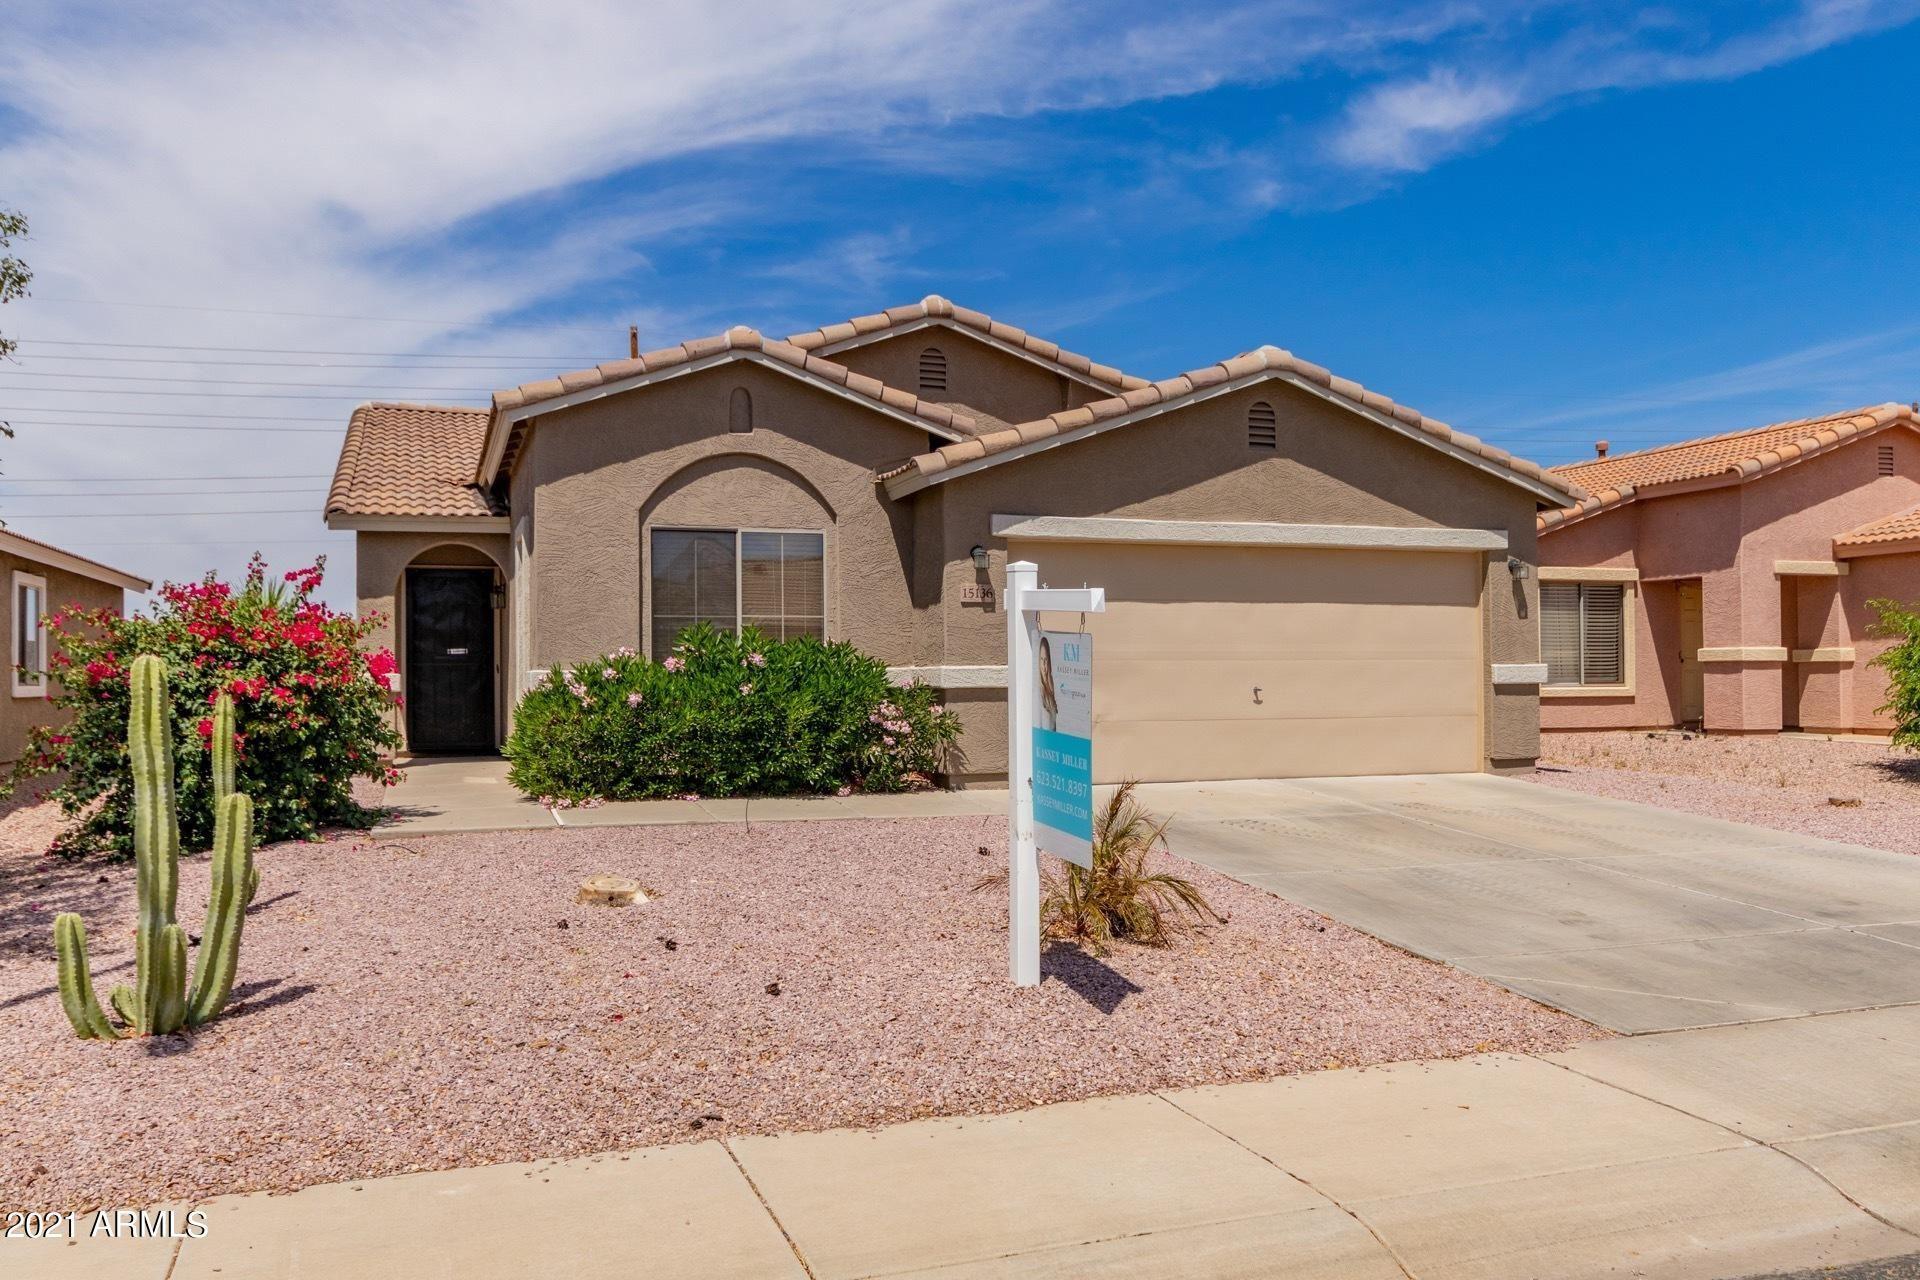 Photo of 15136 N 162ND Lane, Surprise, AZ 85379 (MLS # 6232021)